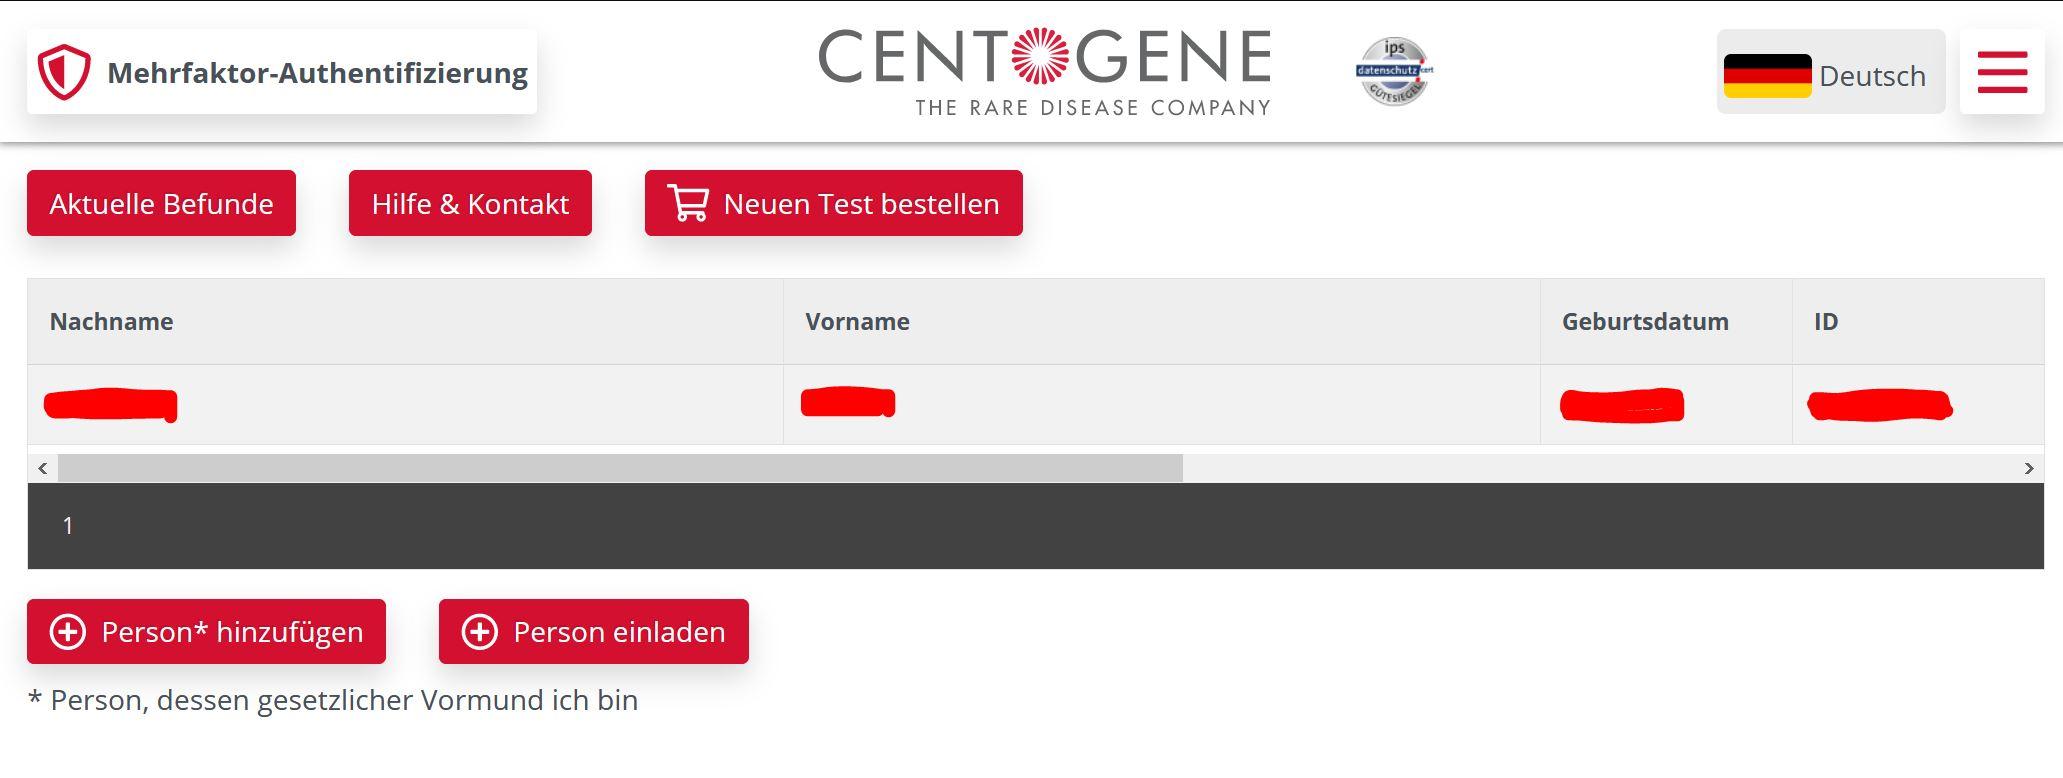 Centogene Corona Test